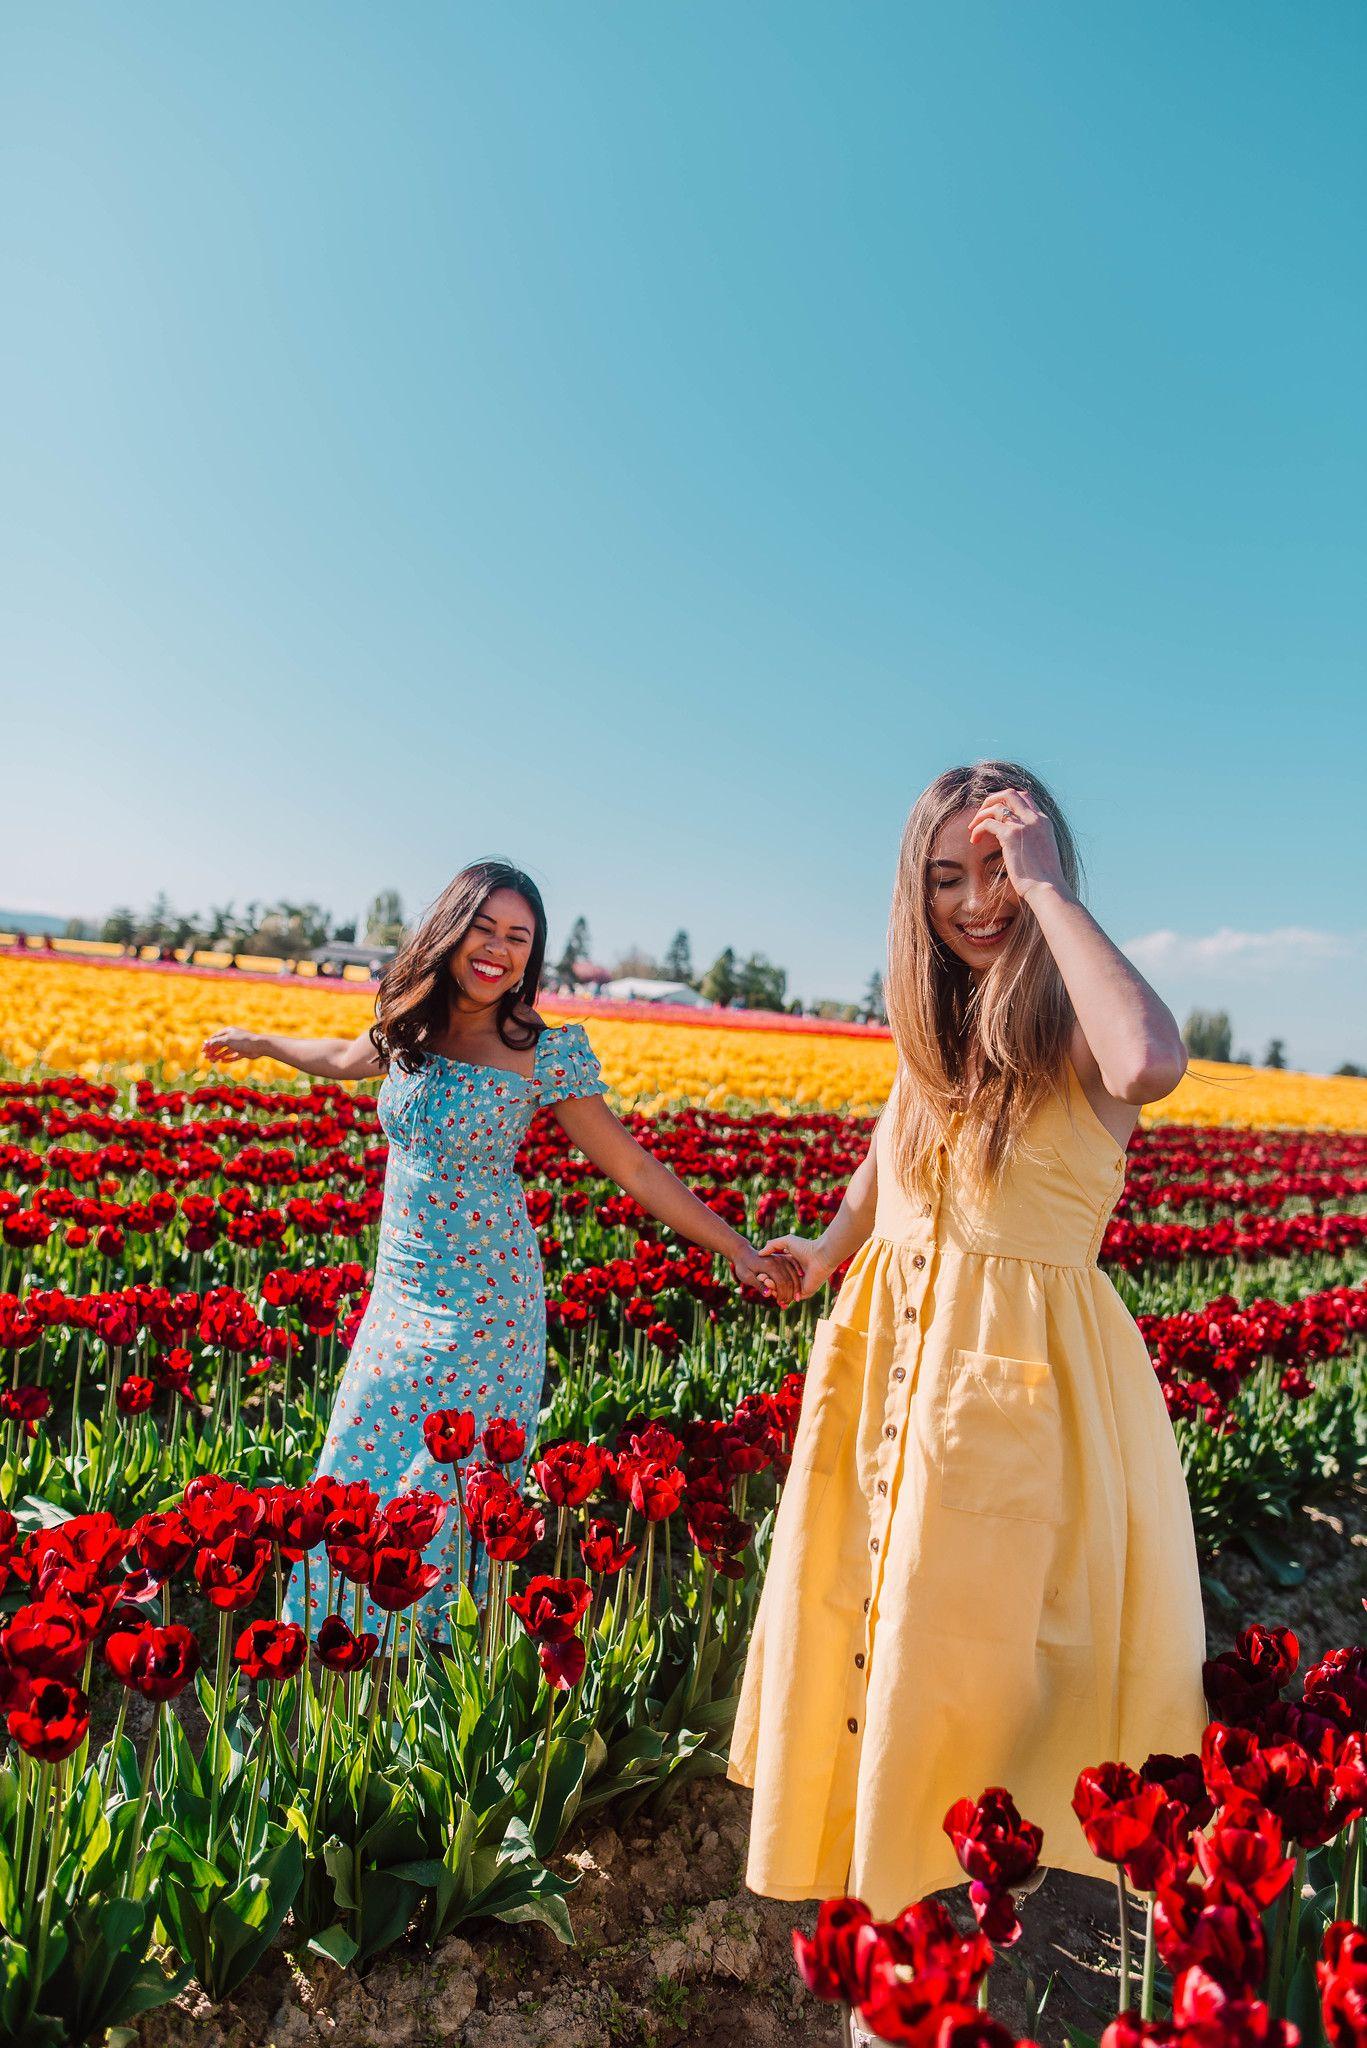 6 Flower Field Photo Shoot Ideas To Try   Flower field ...